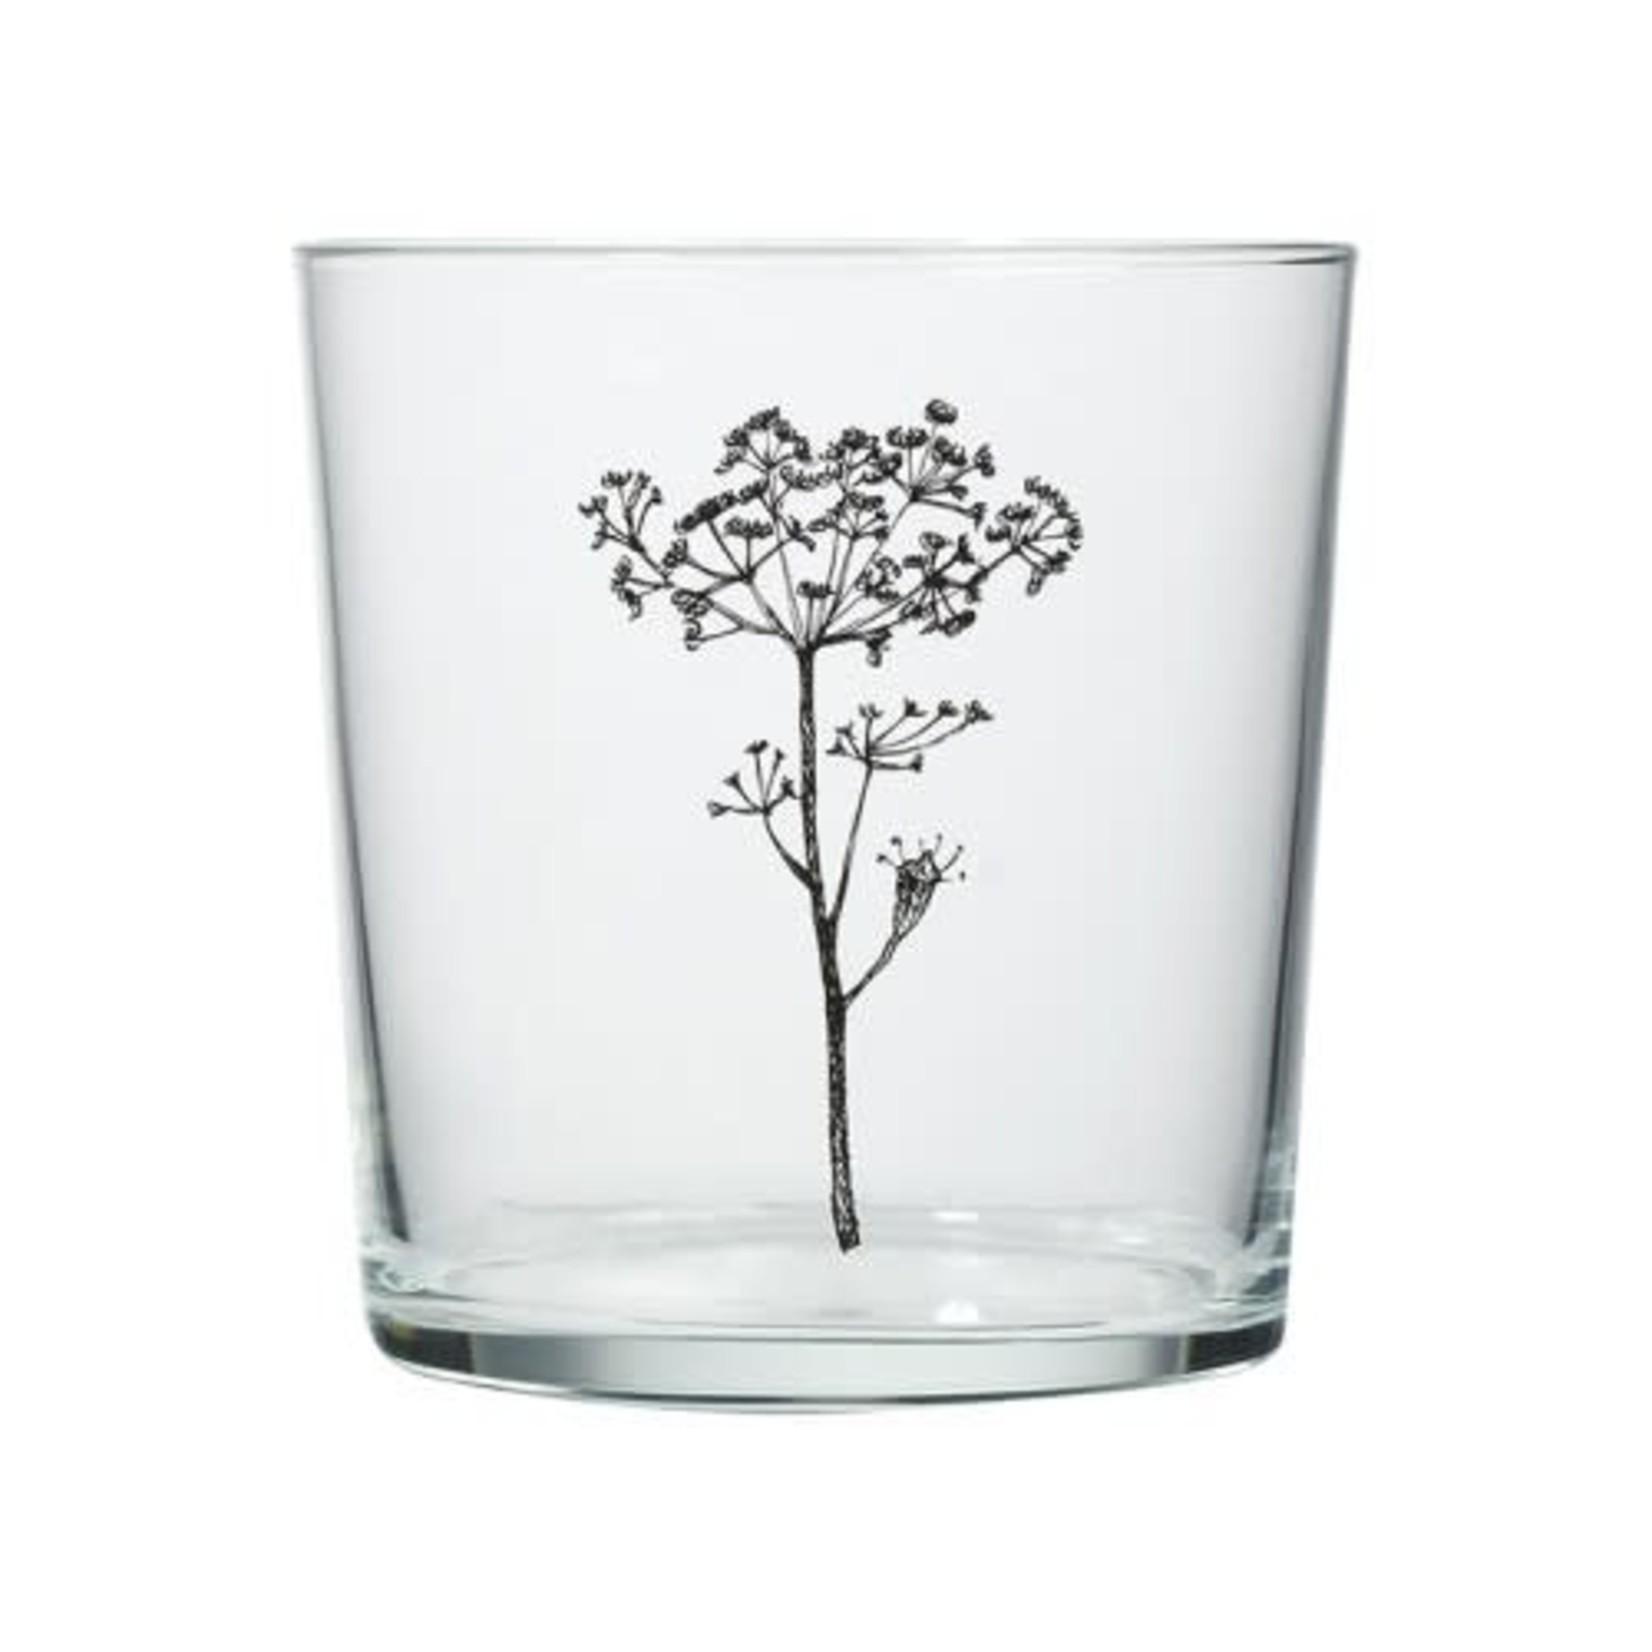 Mijn Stijl Glas met print bloem